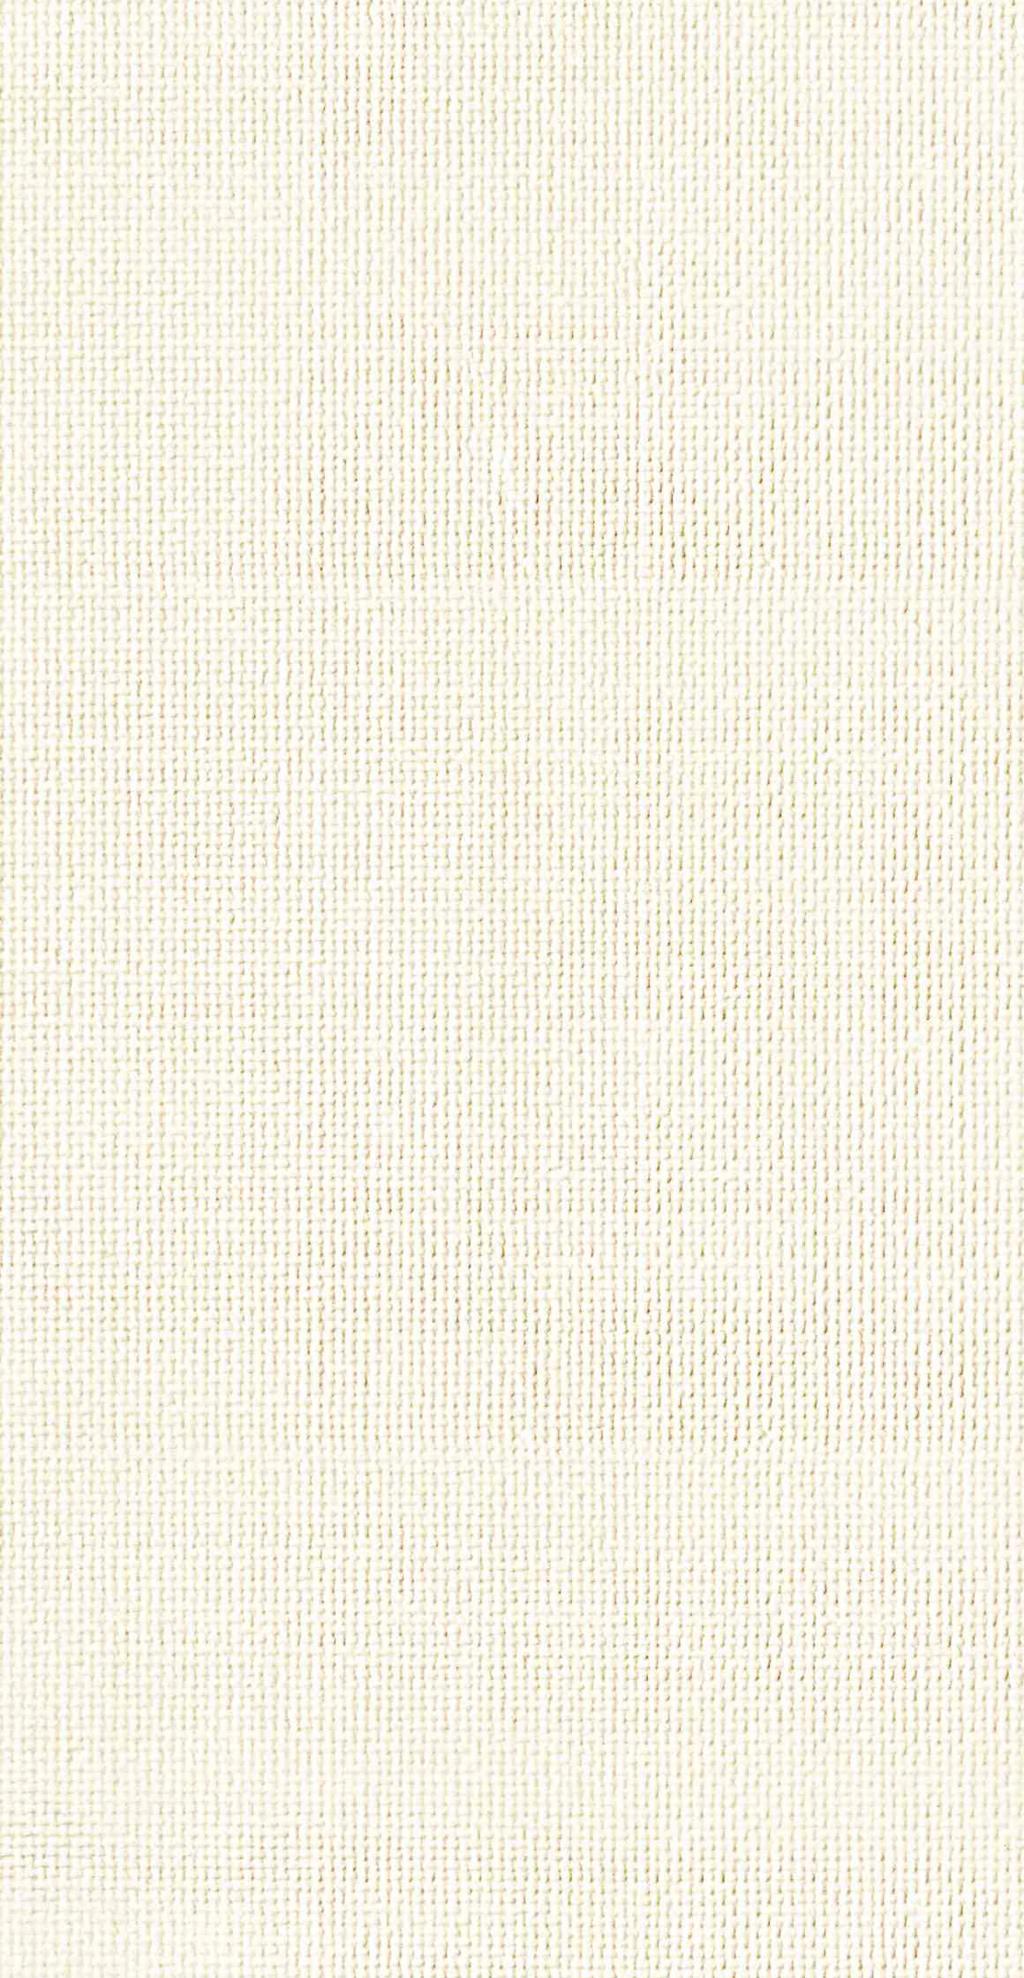 鹰牌瓷砖新生代系列内墙砖M4B-C0005M4B-C0005